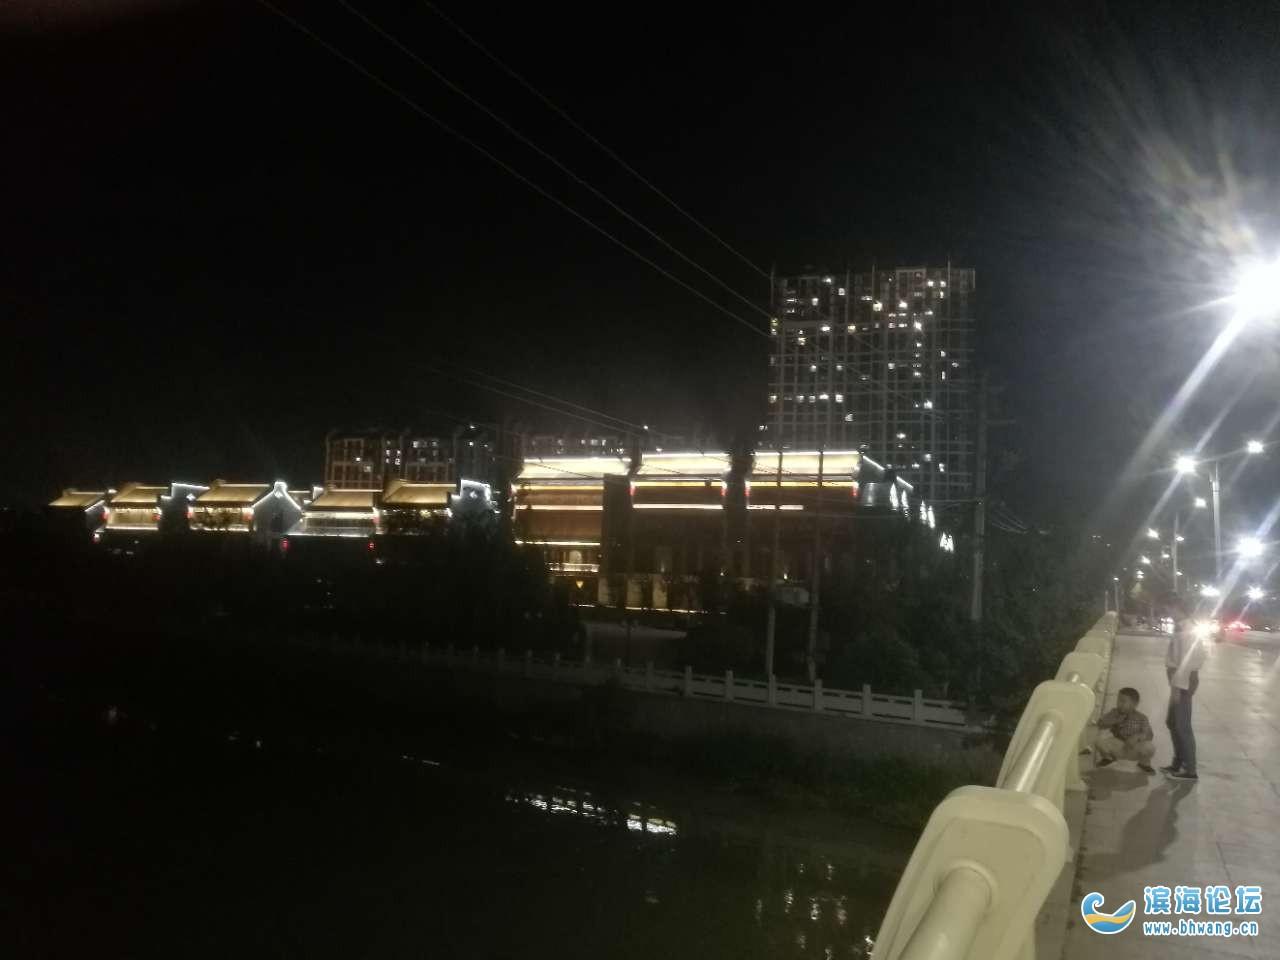 昌興壹城:亮化工程應該誰來管?一期二期整幢樓上外觀亮化一直沒有見過再亮